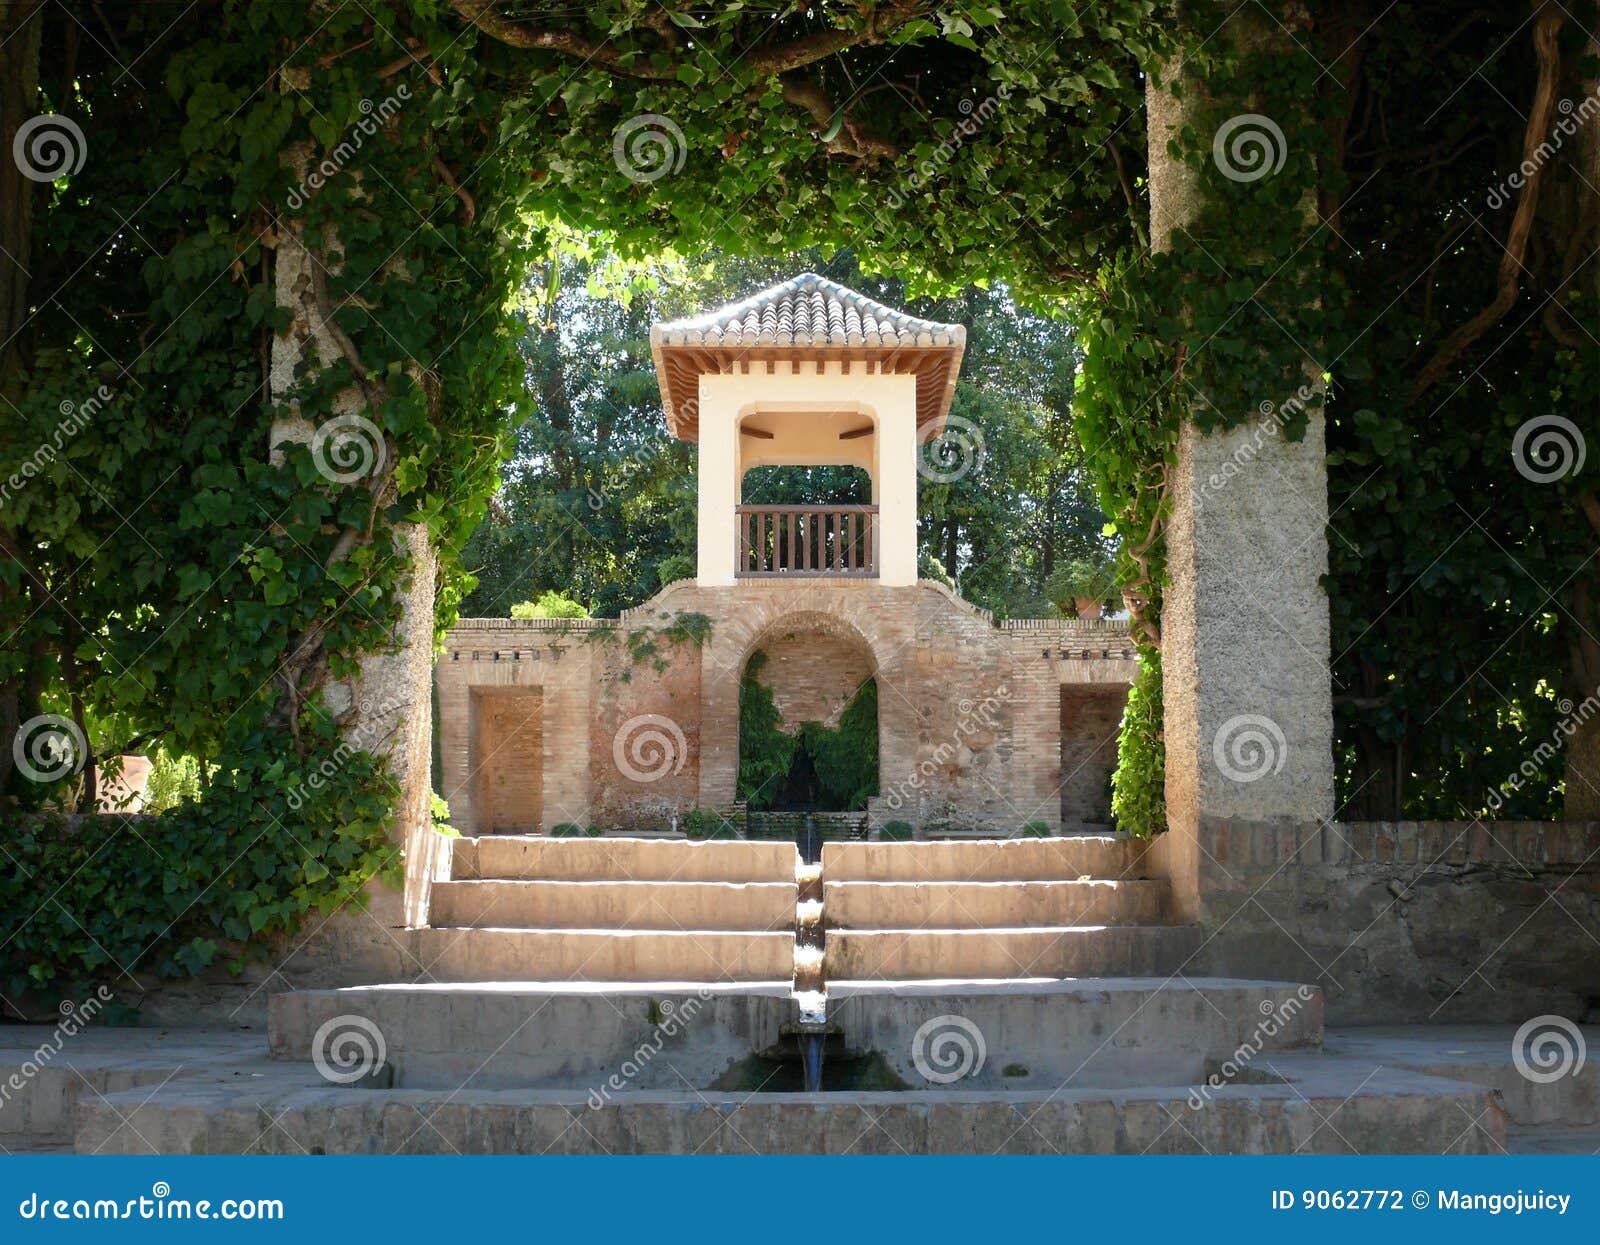 Giardini Di Alhambra - Architettura & Vegetazione Dell'ubriacone Fotografia Stock - Immagine ...